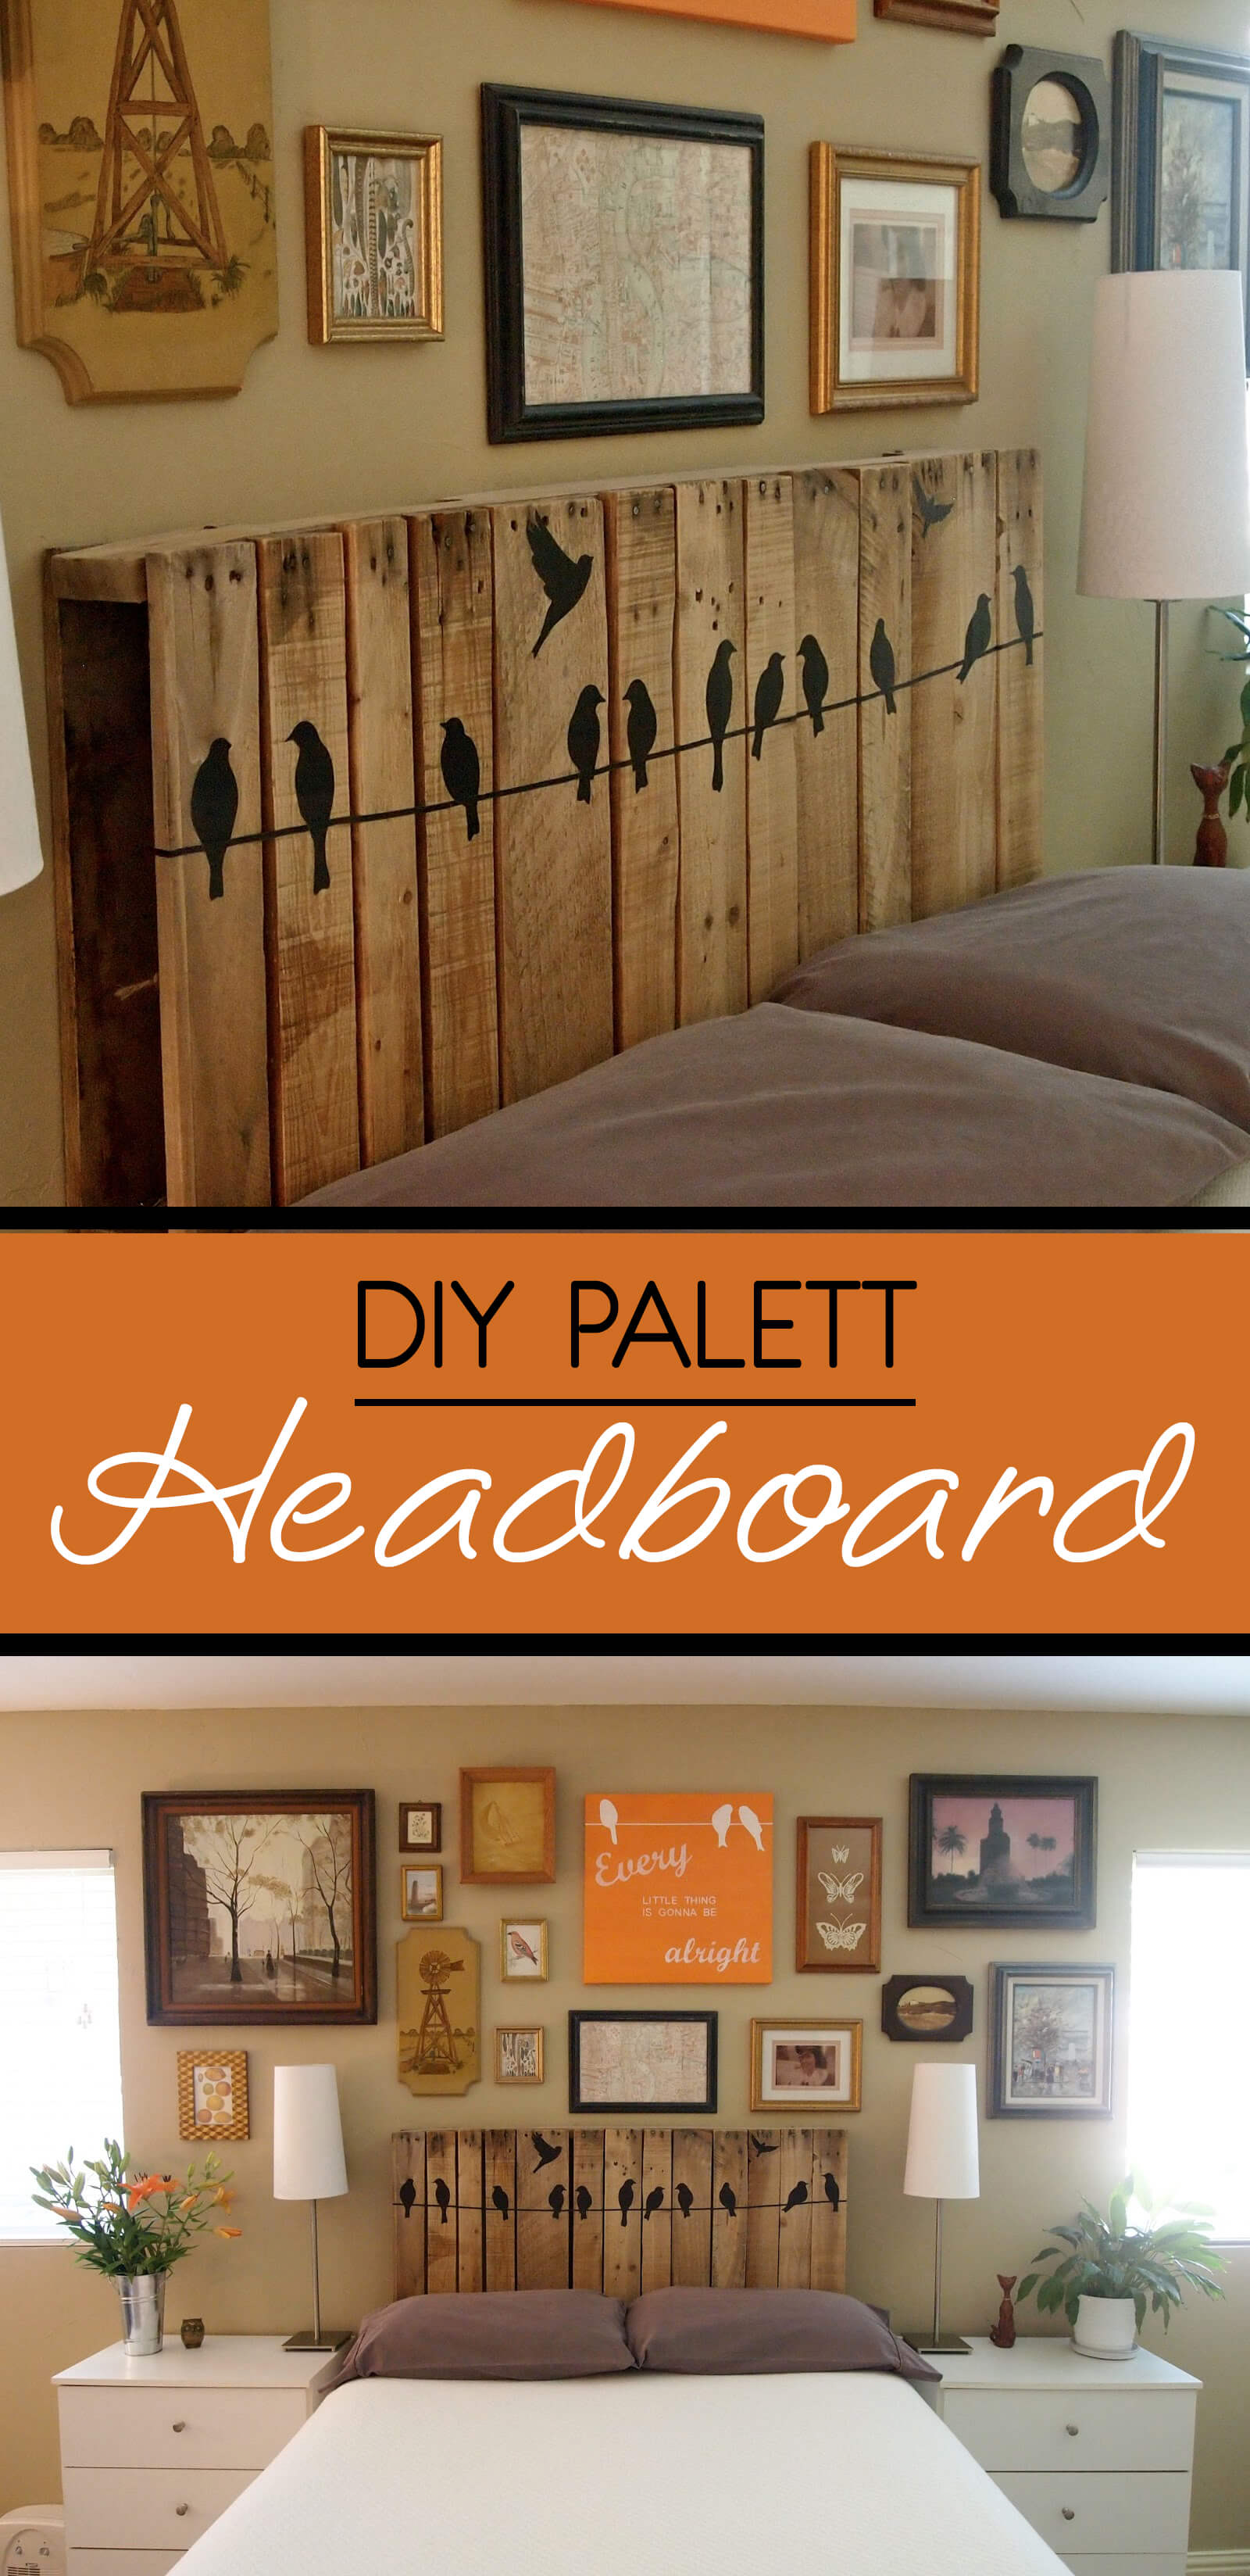 Pallet Headboards Always Soar